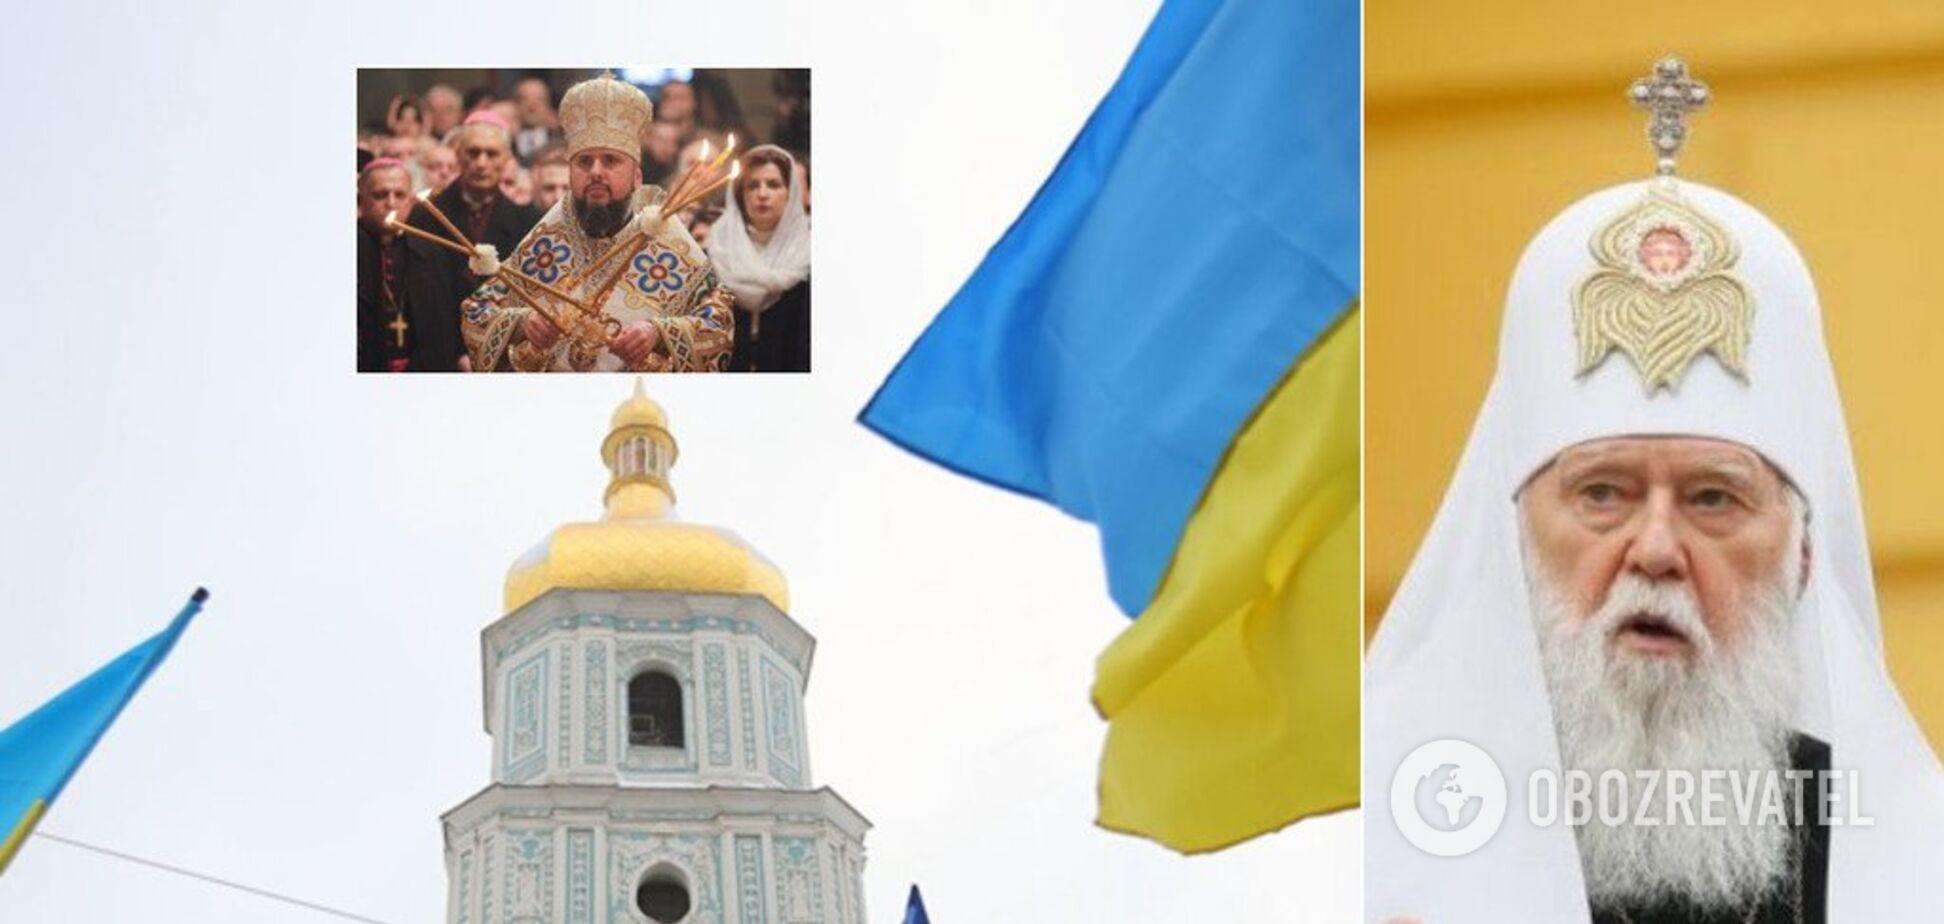 Украина может потерять Томос? В ПЦУ наметился раскол